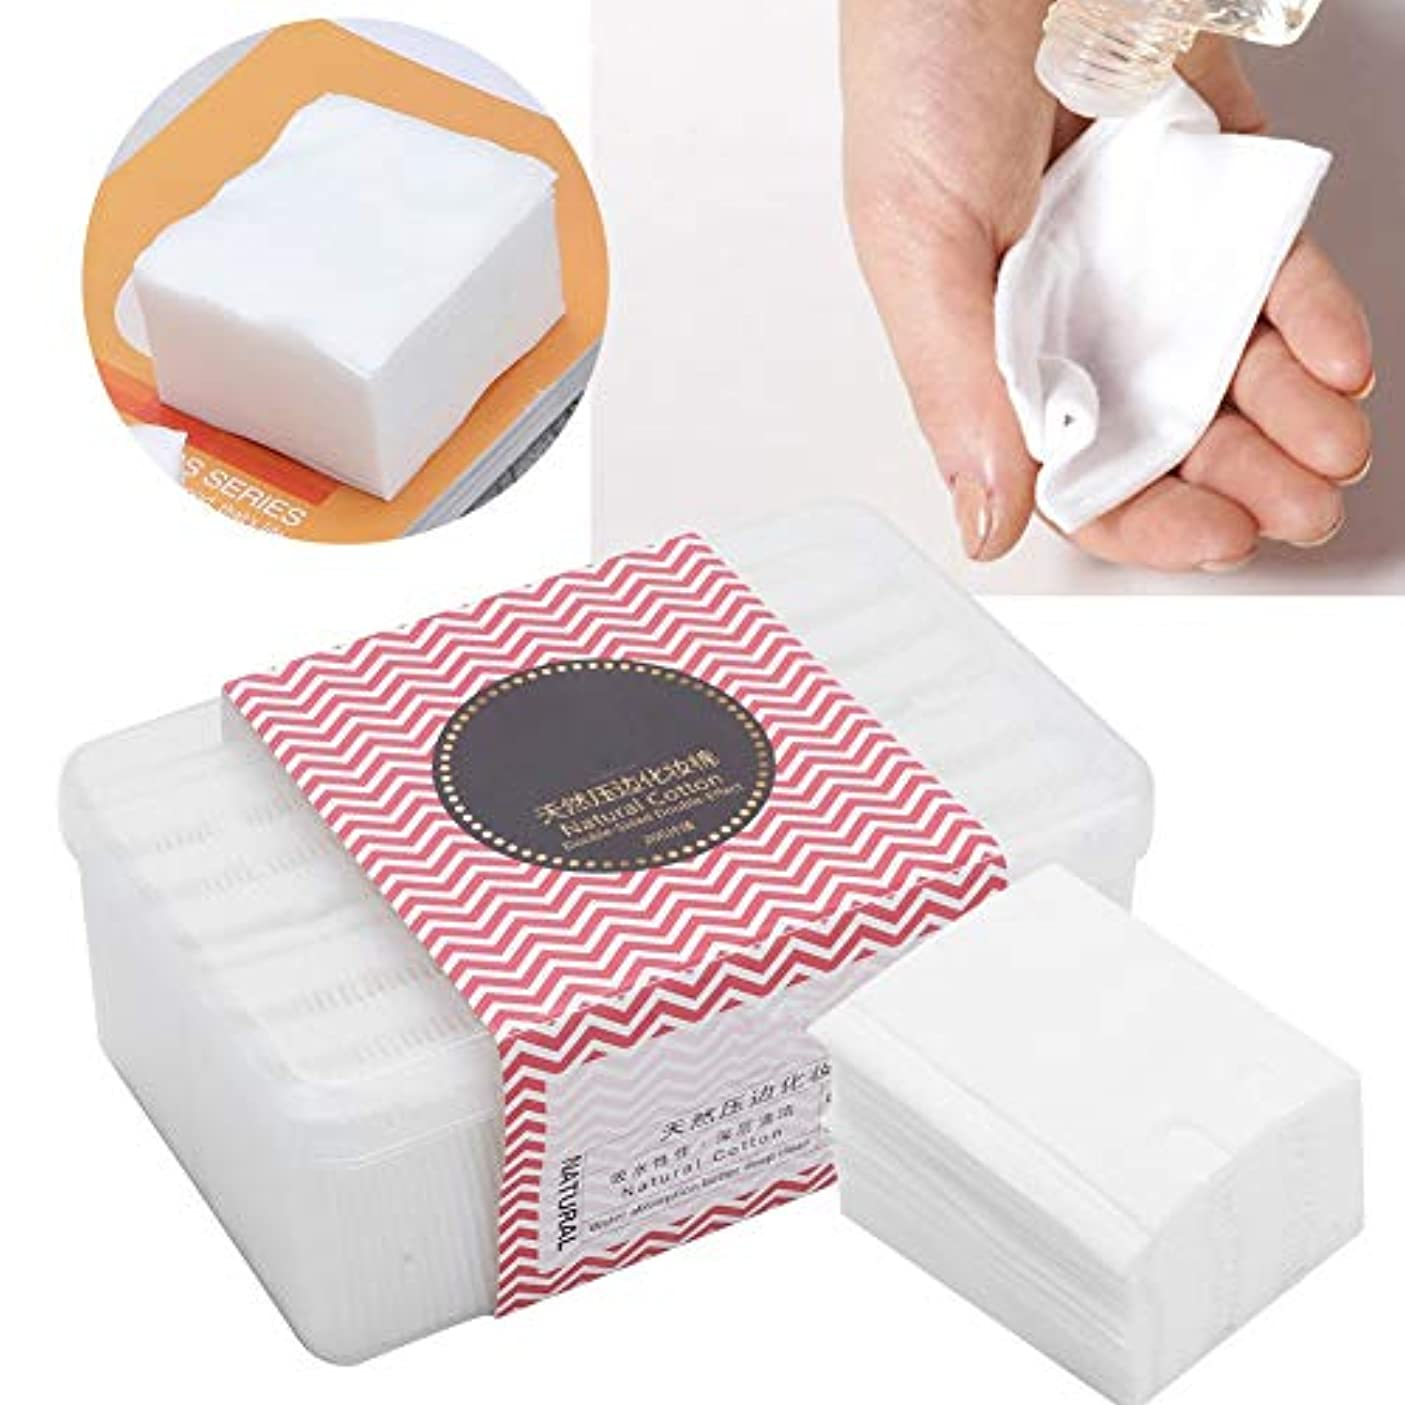 黒人伝染病ピクニックをする200個 使い捨て 綿パッド 化粧除去 ワイプ 化粧品 スキンケアツール